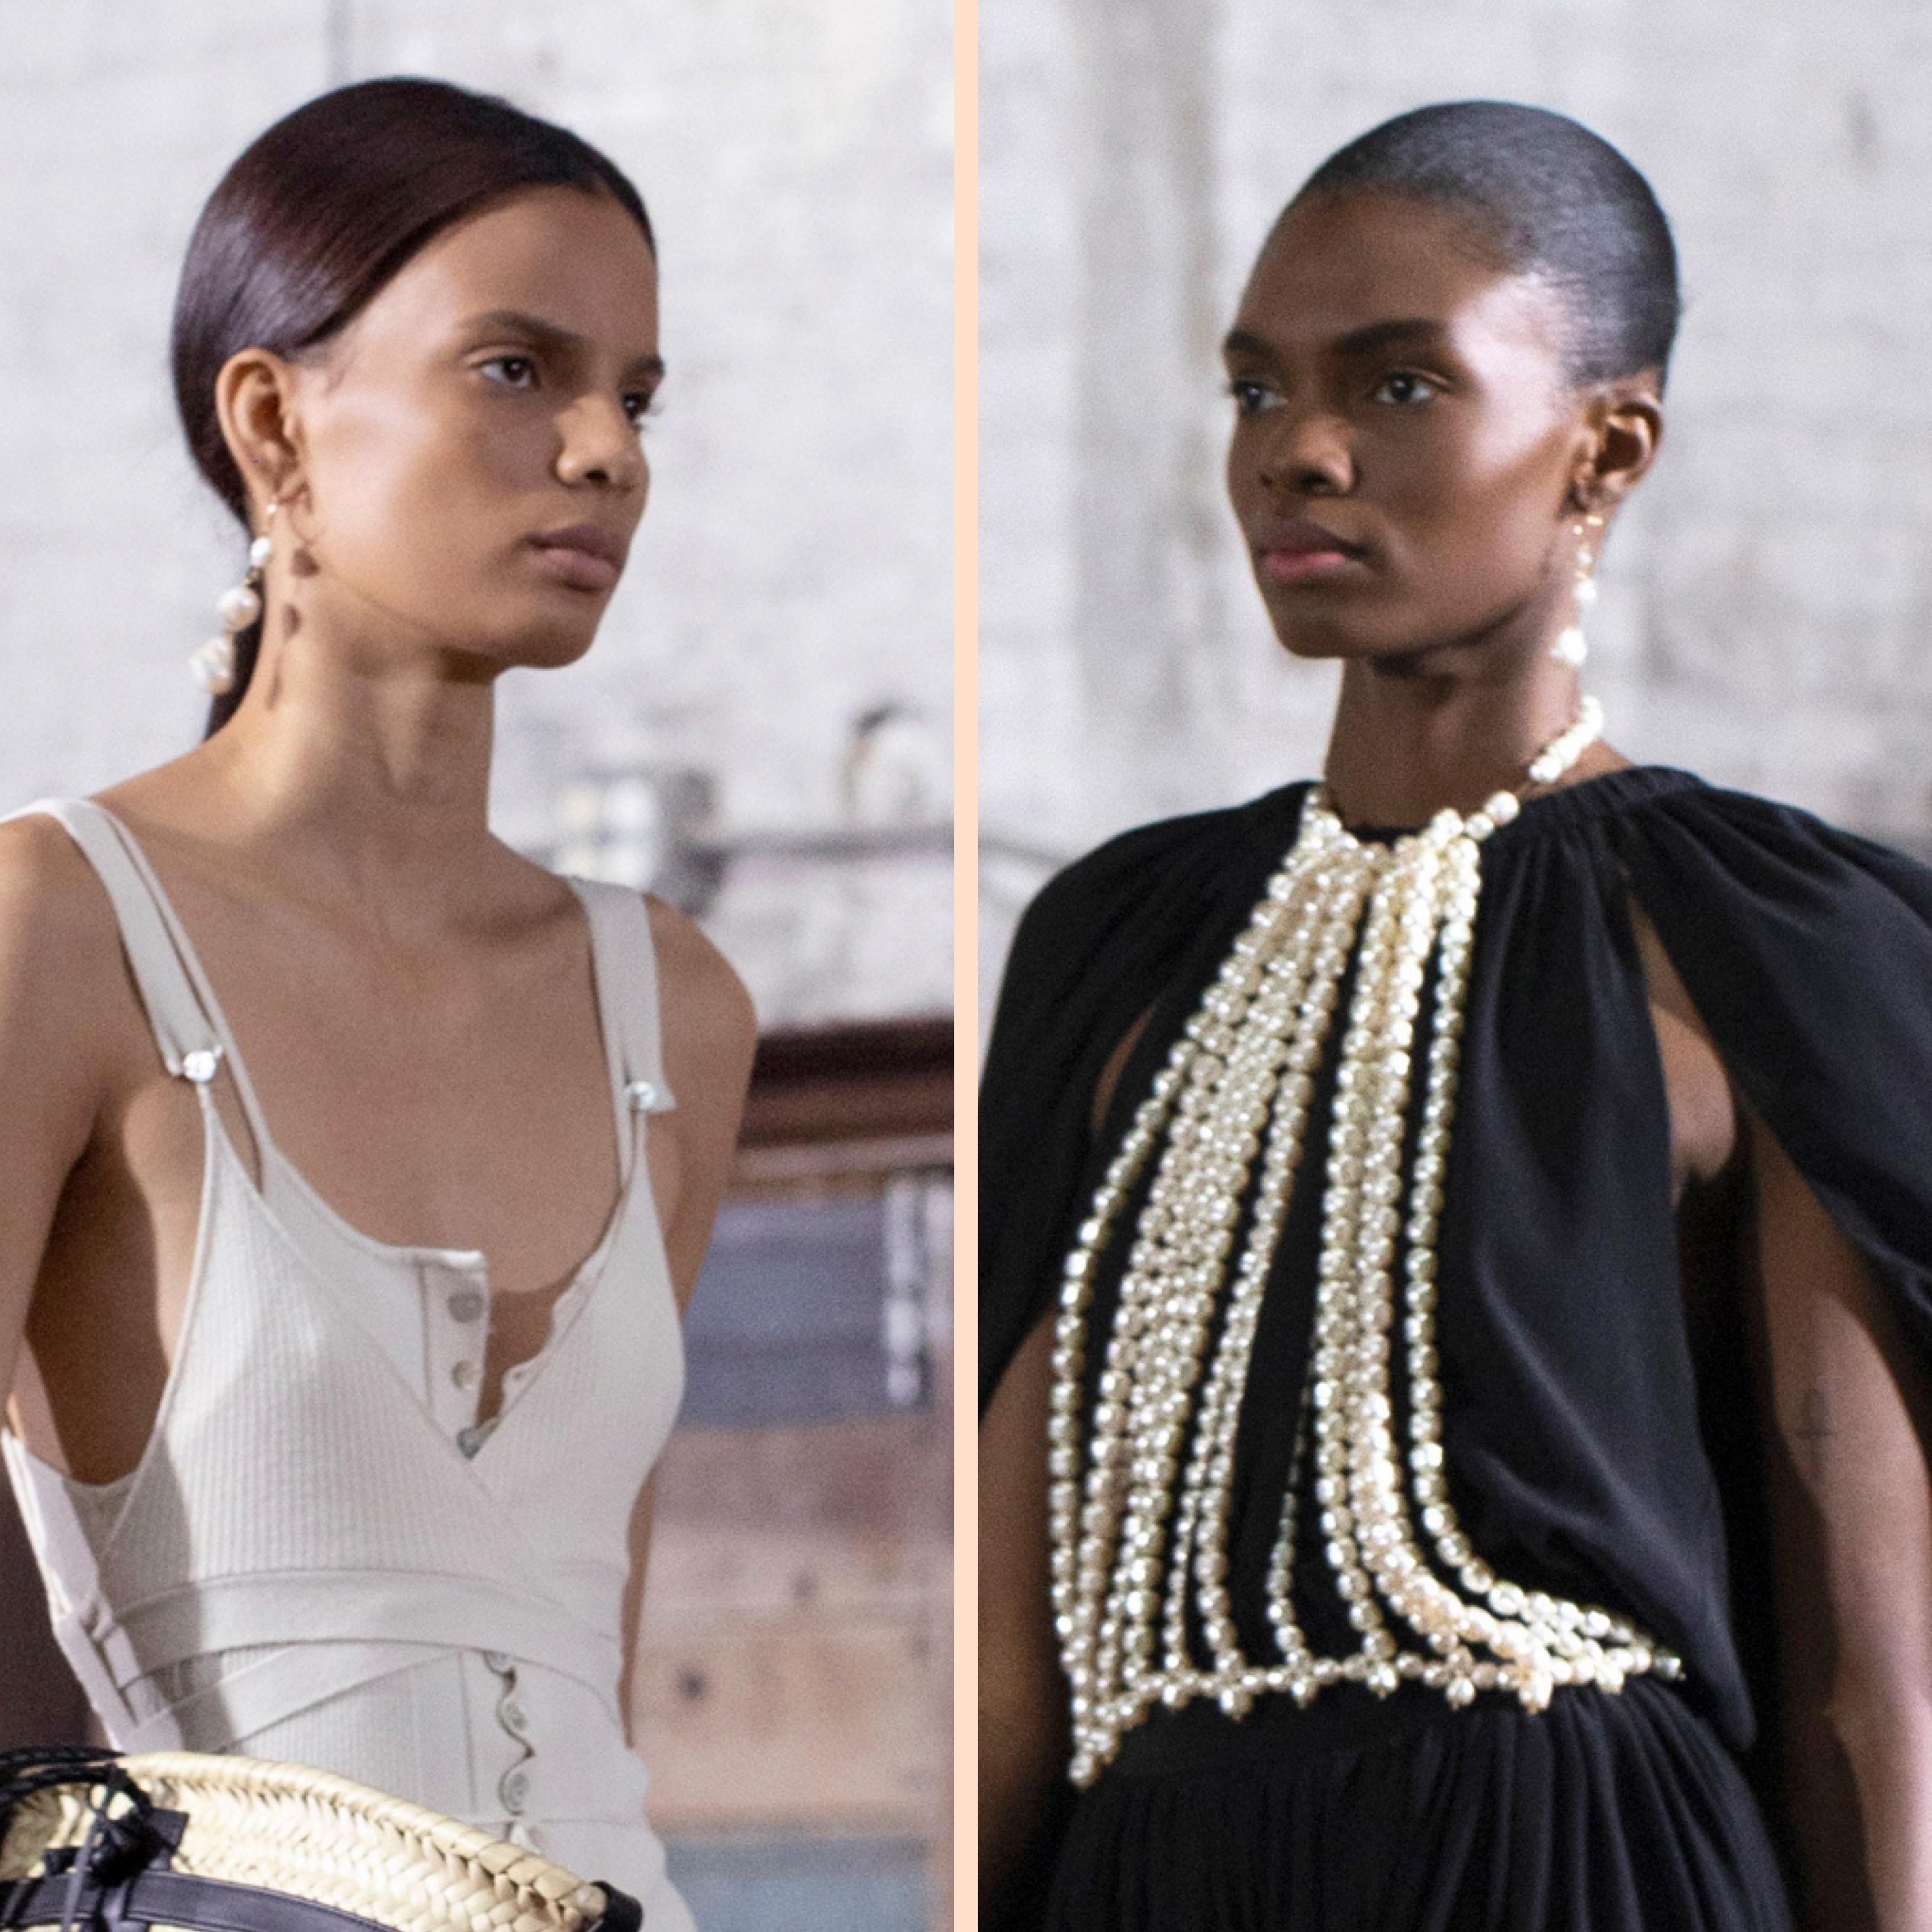 Semana de moda de Paris: Altuzarra (Foto: Divulgação )